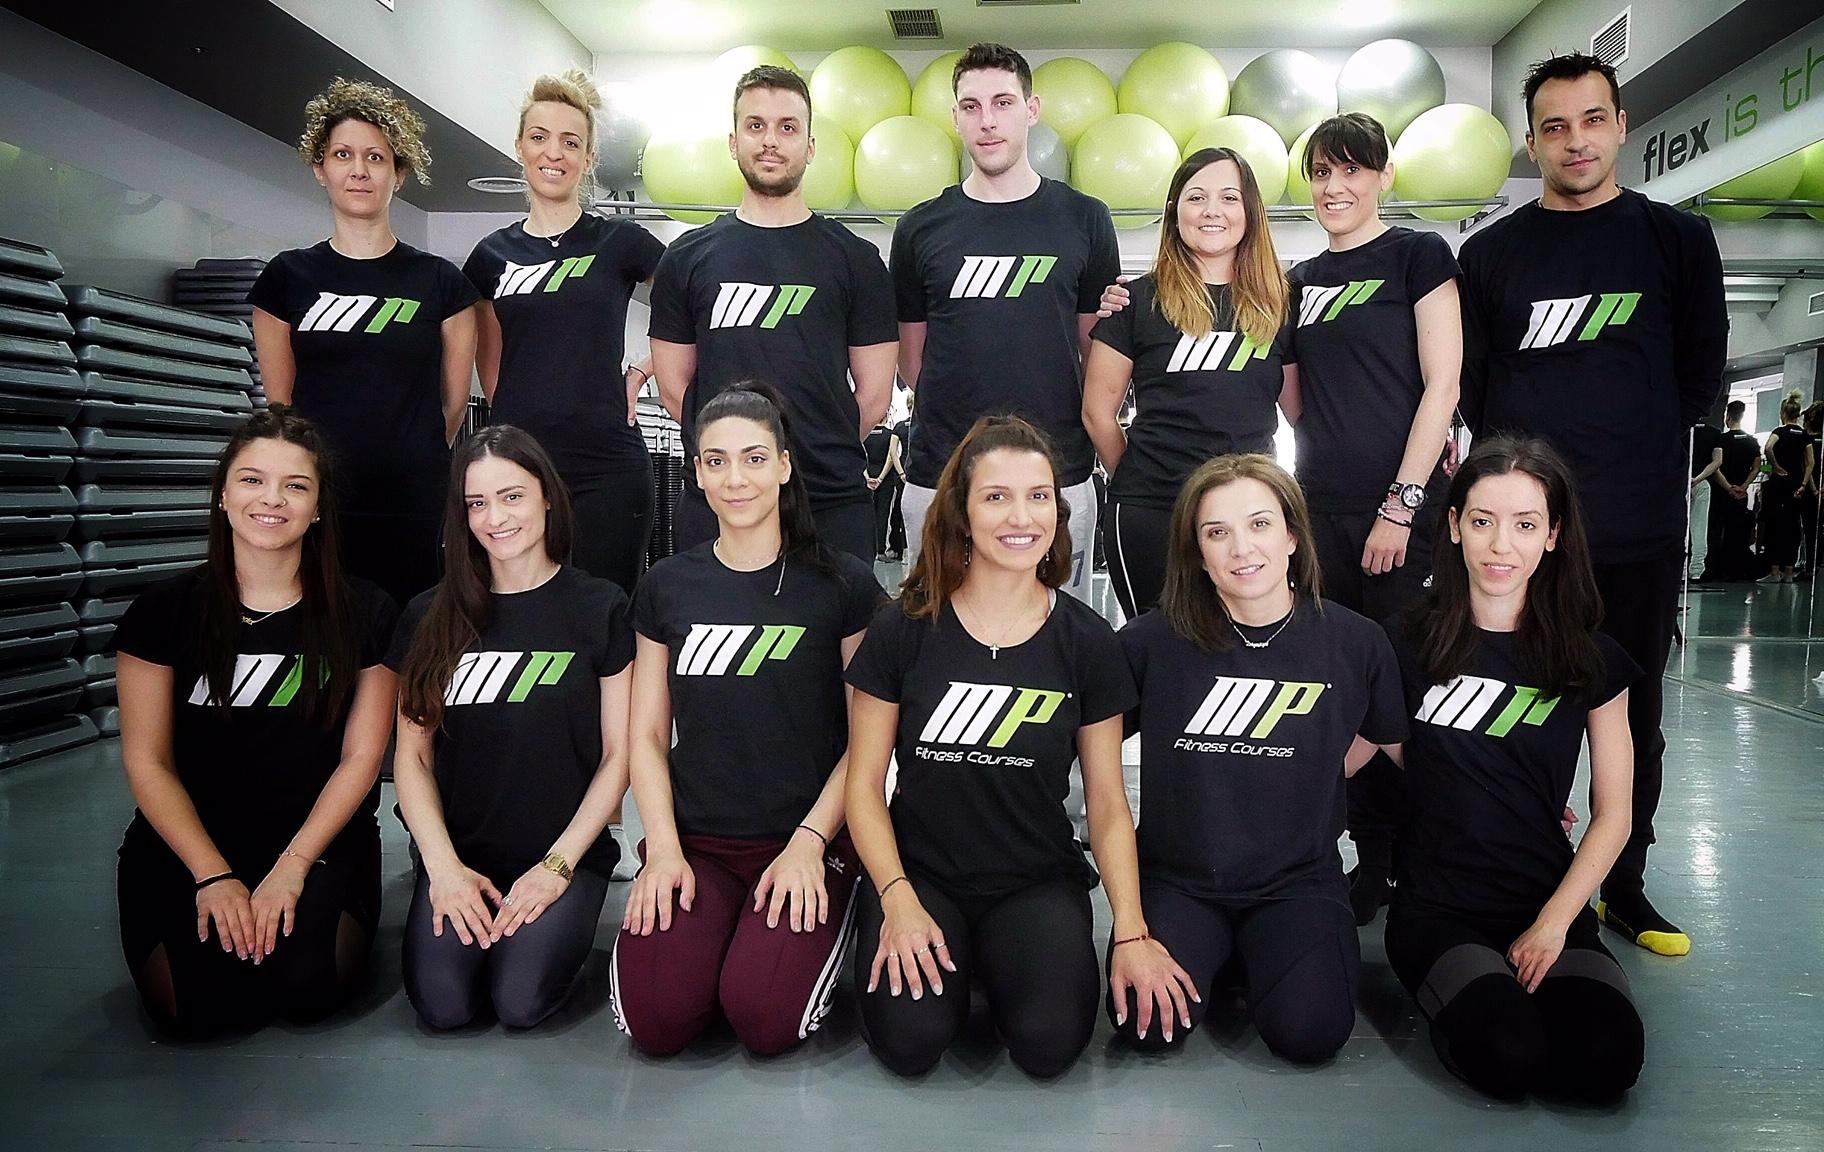 Βασική εκπαίδευση στο pilates από την MP Balatsinos